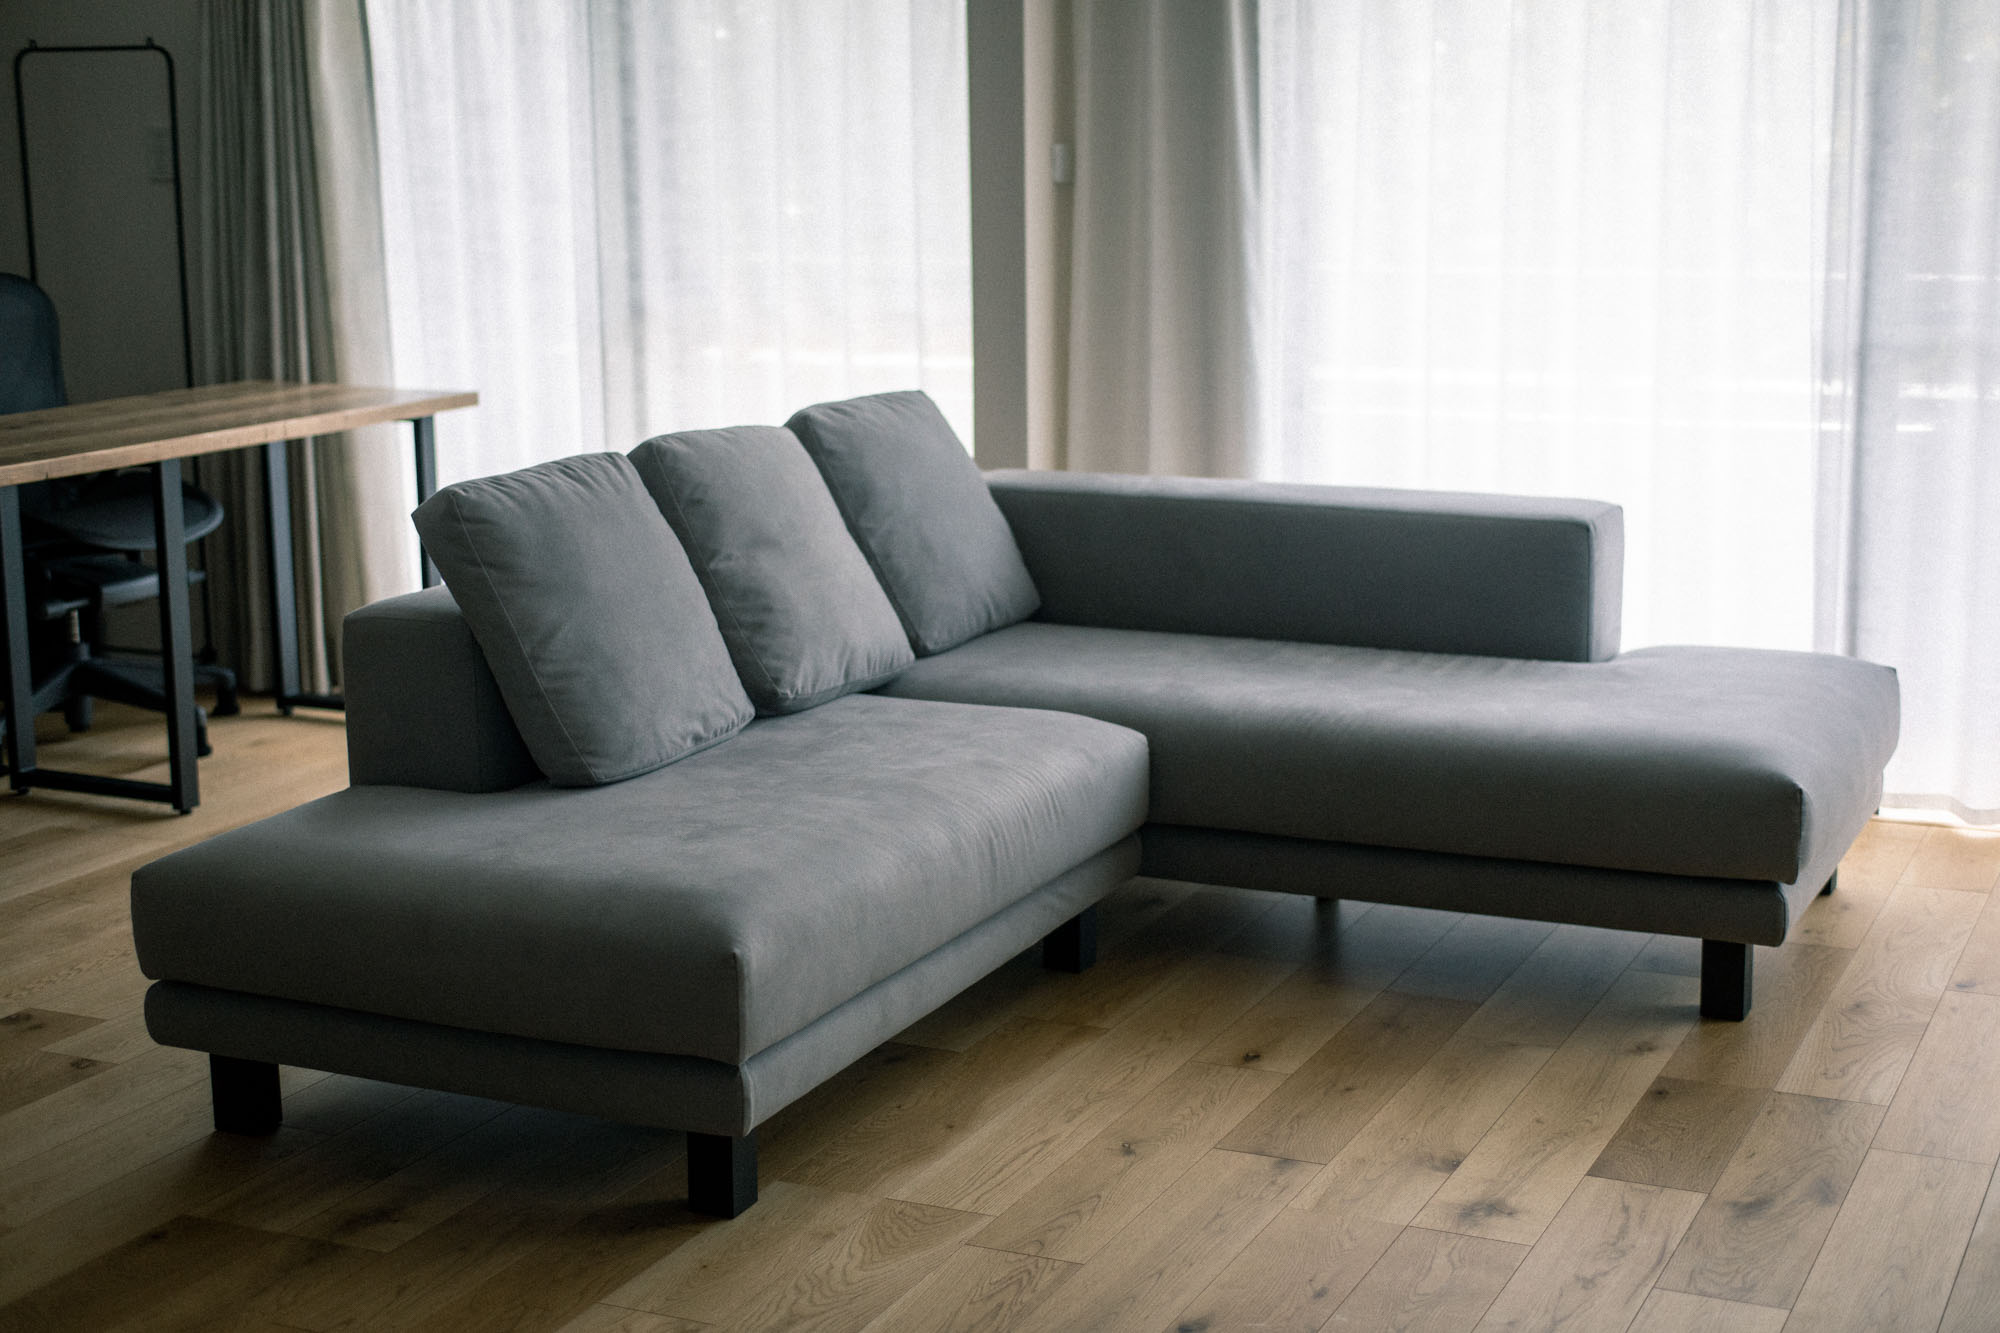 リビングスぺ―スのインテリアを「グレーとダークグレー、無垢の木の色」の3色で整えているとのこと。リビングに置いた大きなL字型のソファは、ソファ専門店の「NOYES」で購入。ワンちゃんが引っ掻いても平気な素材のものを選んだそうです。